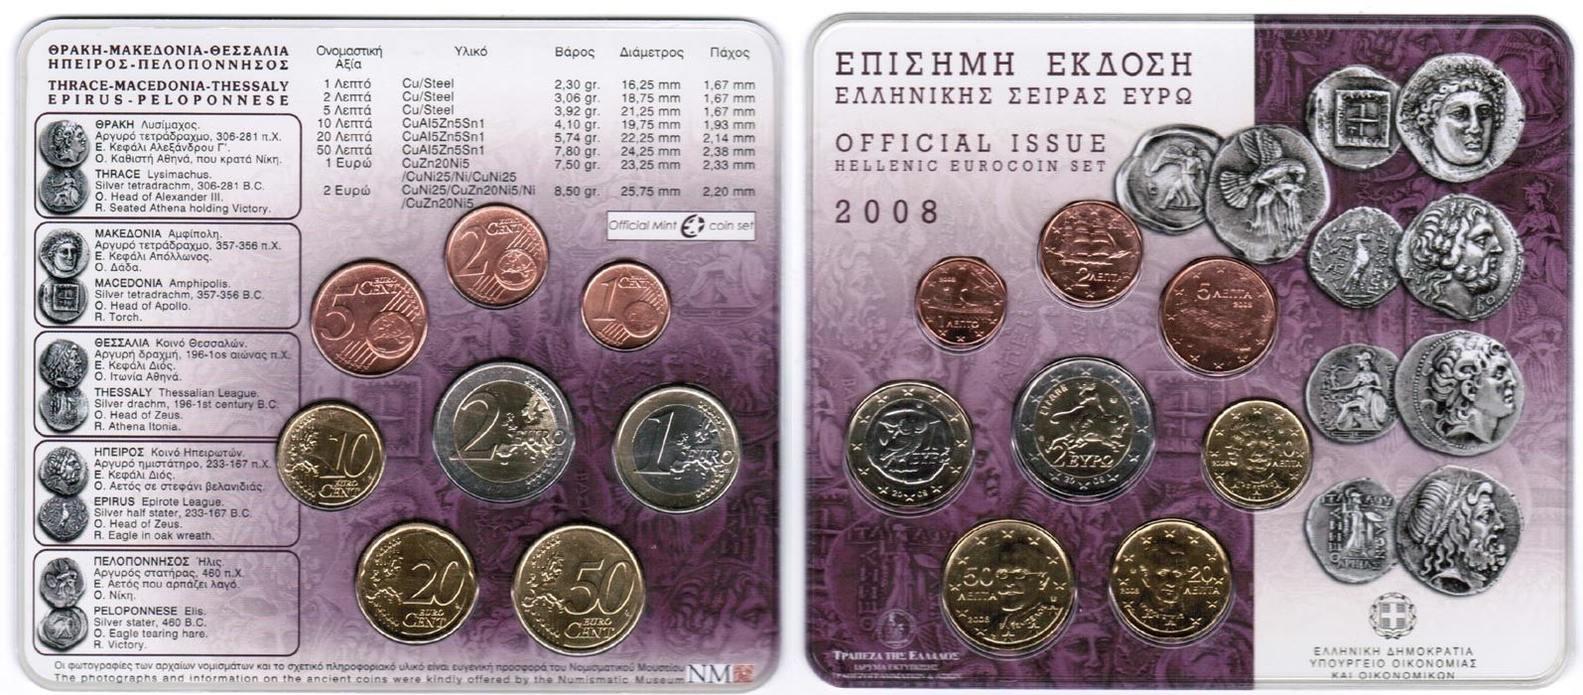 Offizieller Kurssatz 2008 2008 Griechenland Griechenland Offizieller